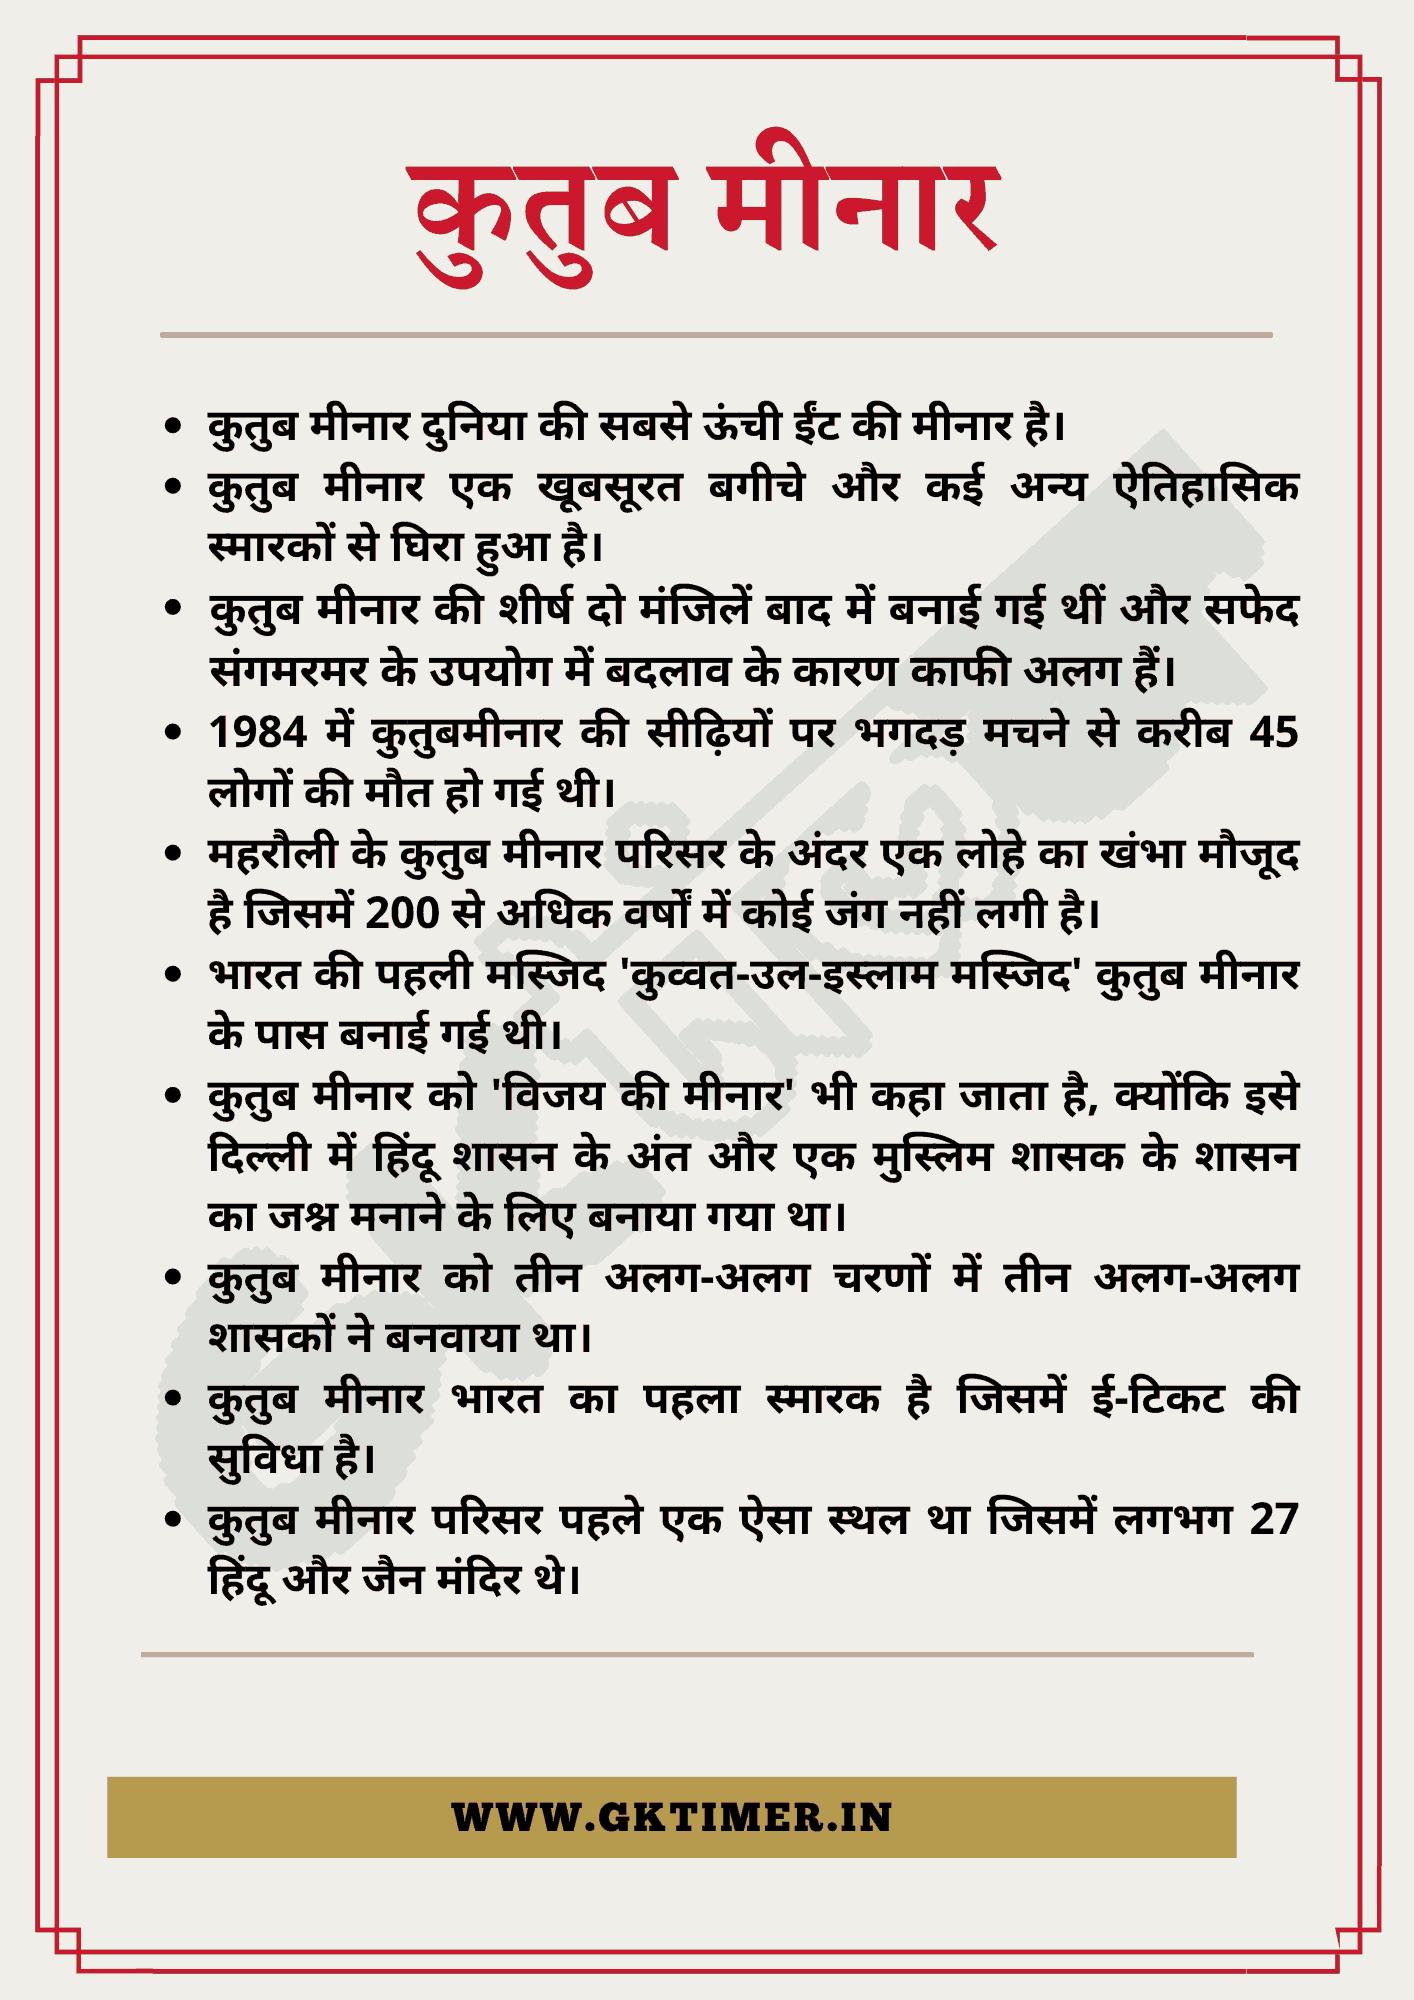 कुतुब मीनार पर निबंध   Essay on Qutub Minar in Hindi   10 Lines on Qutub Minar in Hindi